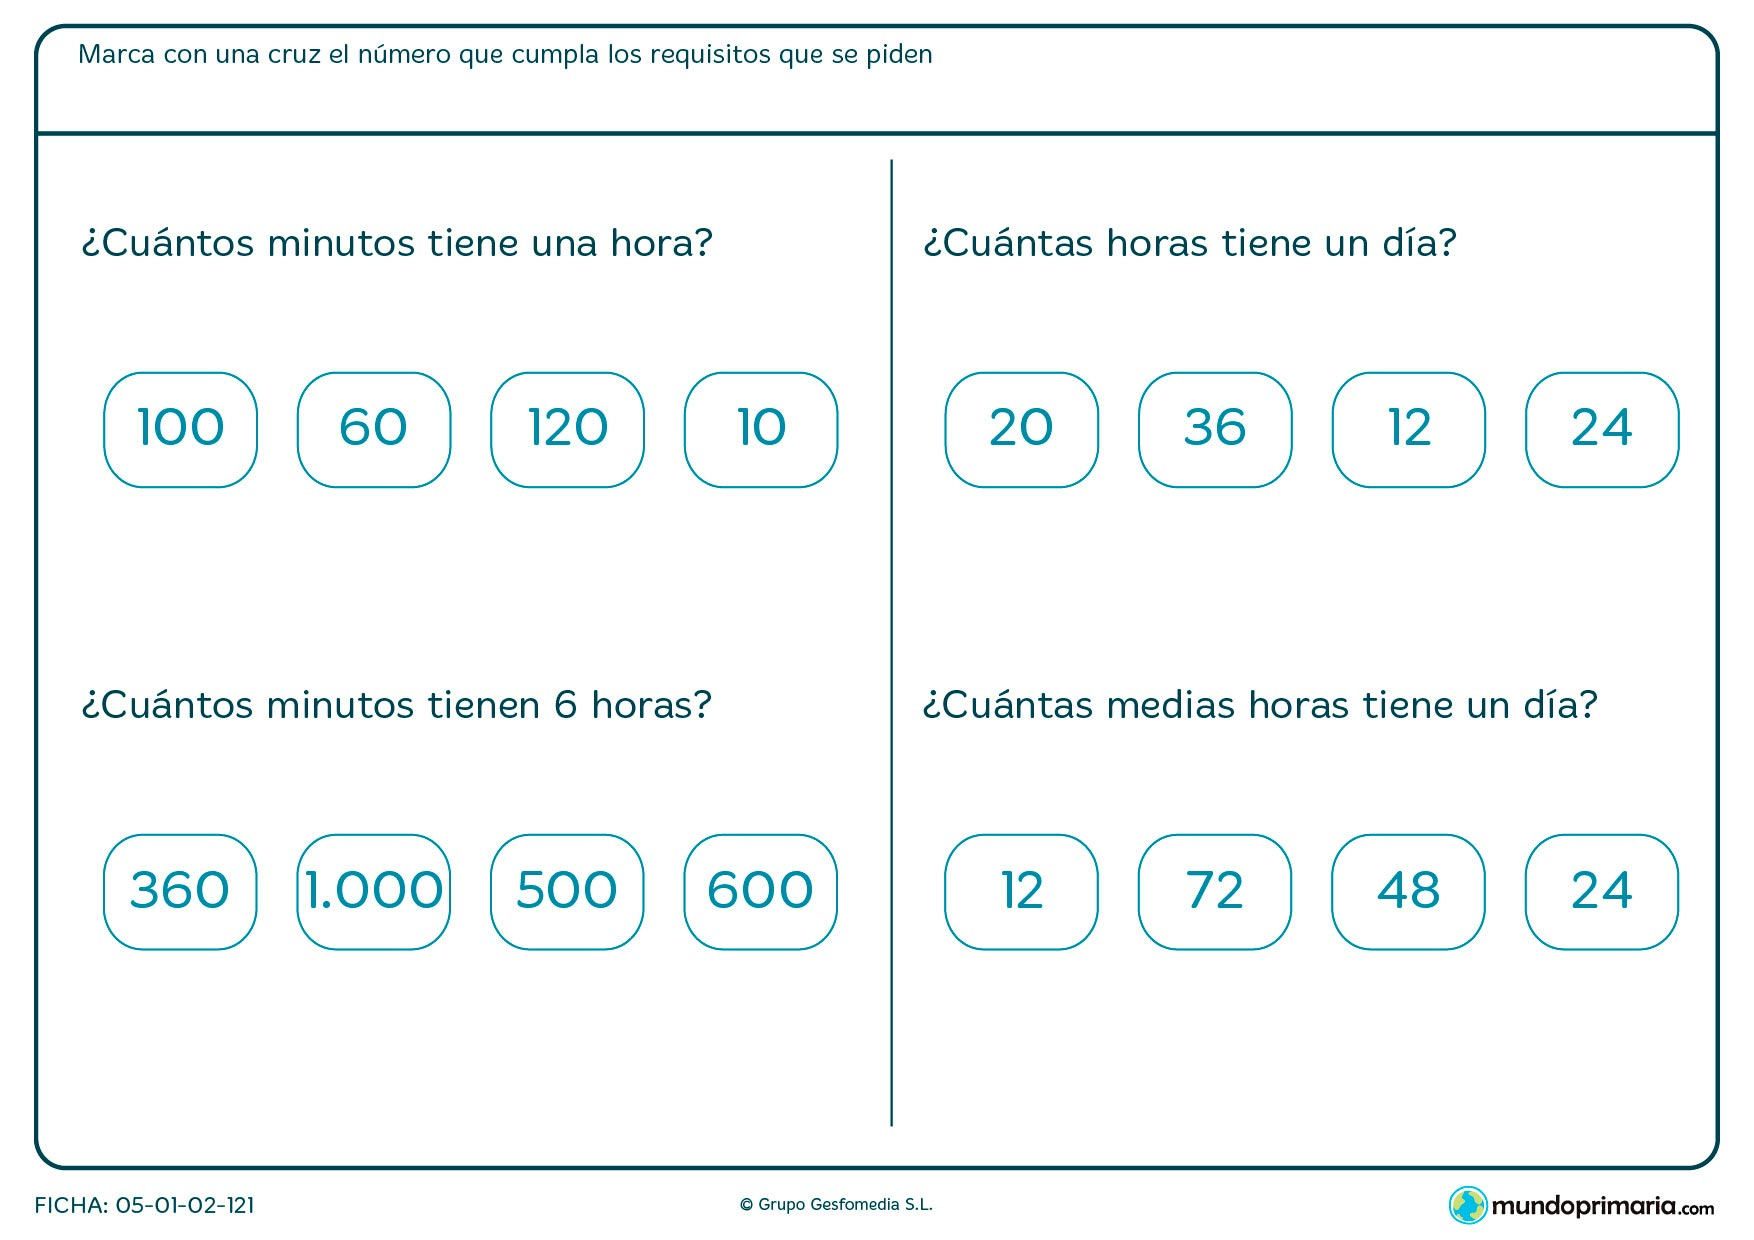 Ficha de minutos en la que se muestran unas cifras que tenemos que contrastar con lo que se pide.